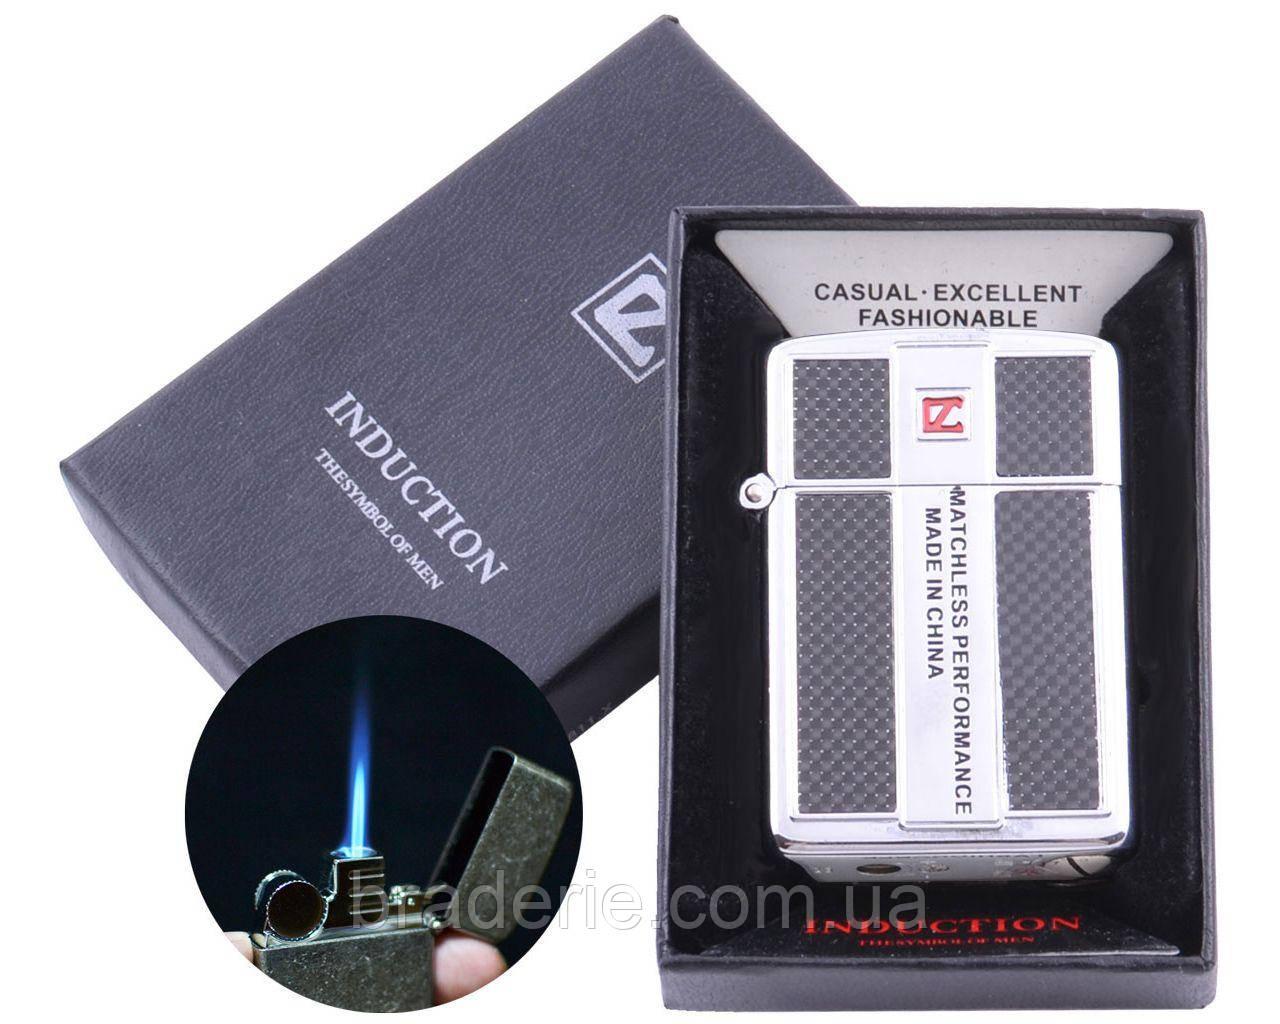 Зажигалка подарочная в коробочке 4324